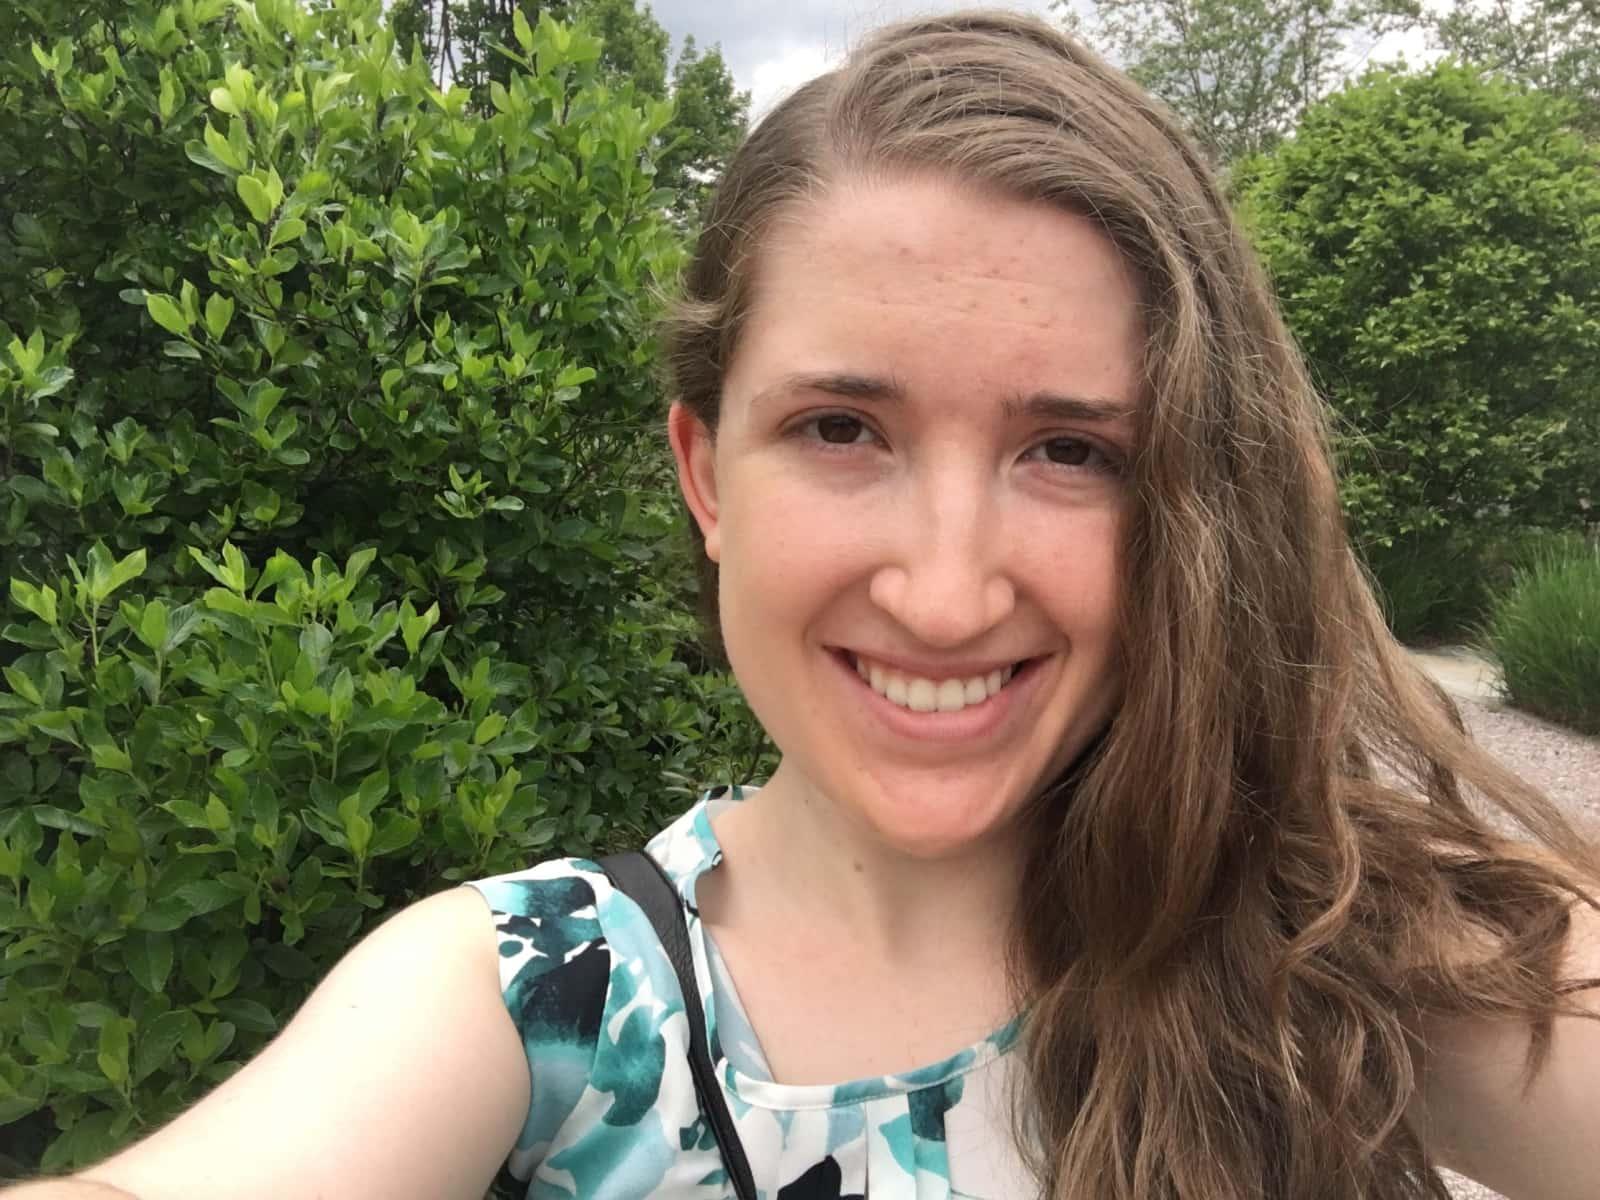 Emily from Washington, D.C., Washington, D.C., United States